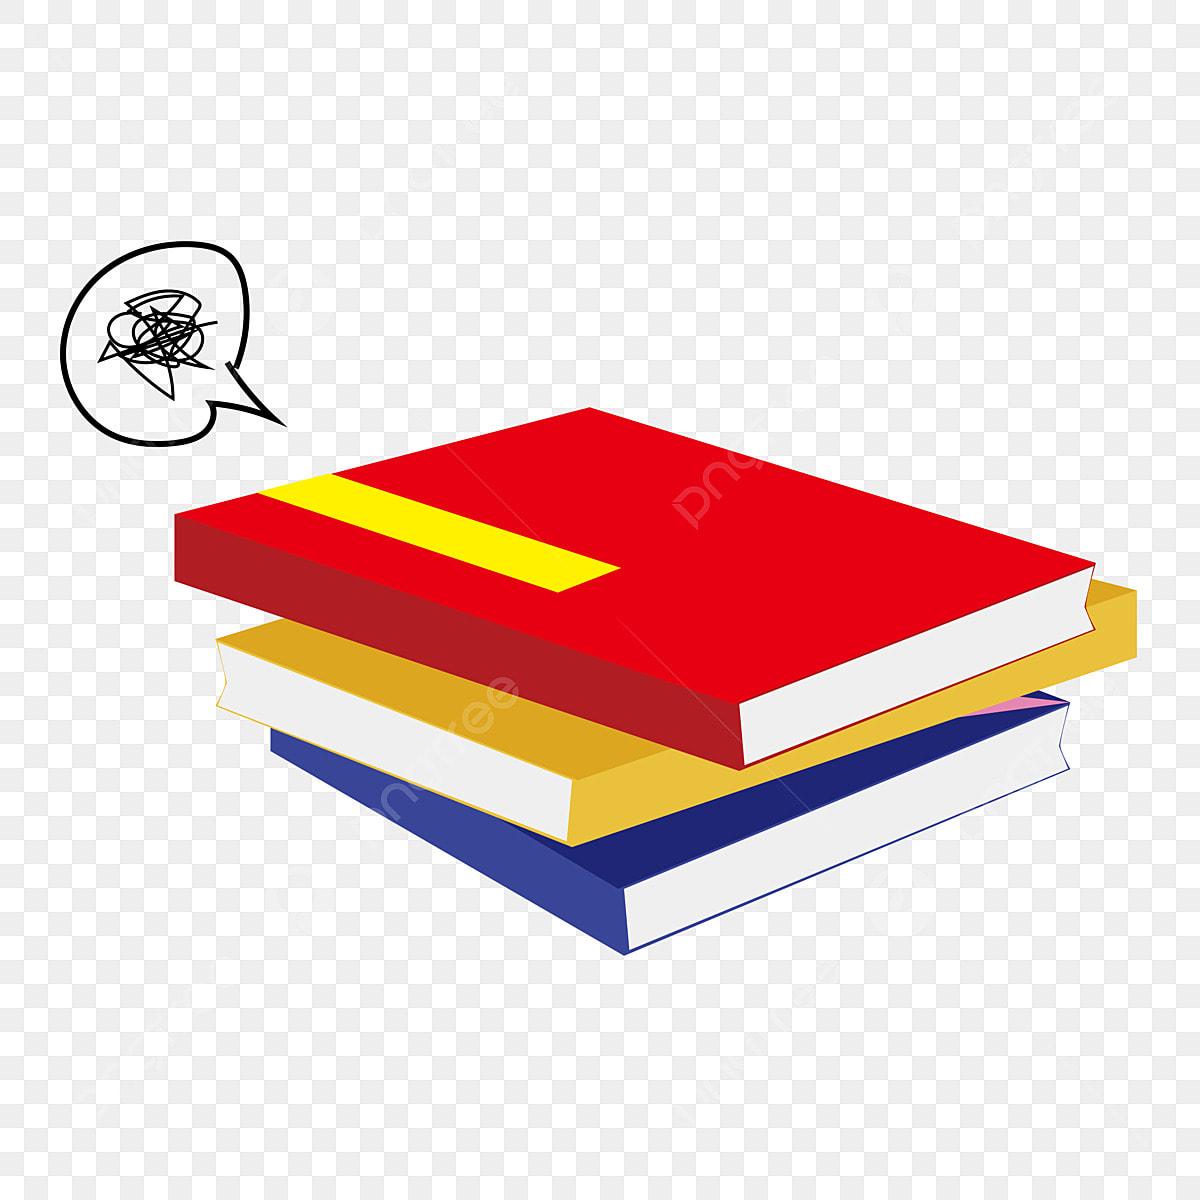 無料ダウンロードのための豊作の本 豊作の本 たくさんの本 書斎png画像素材